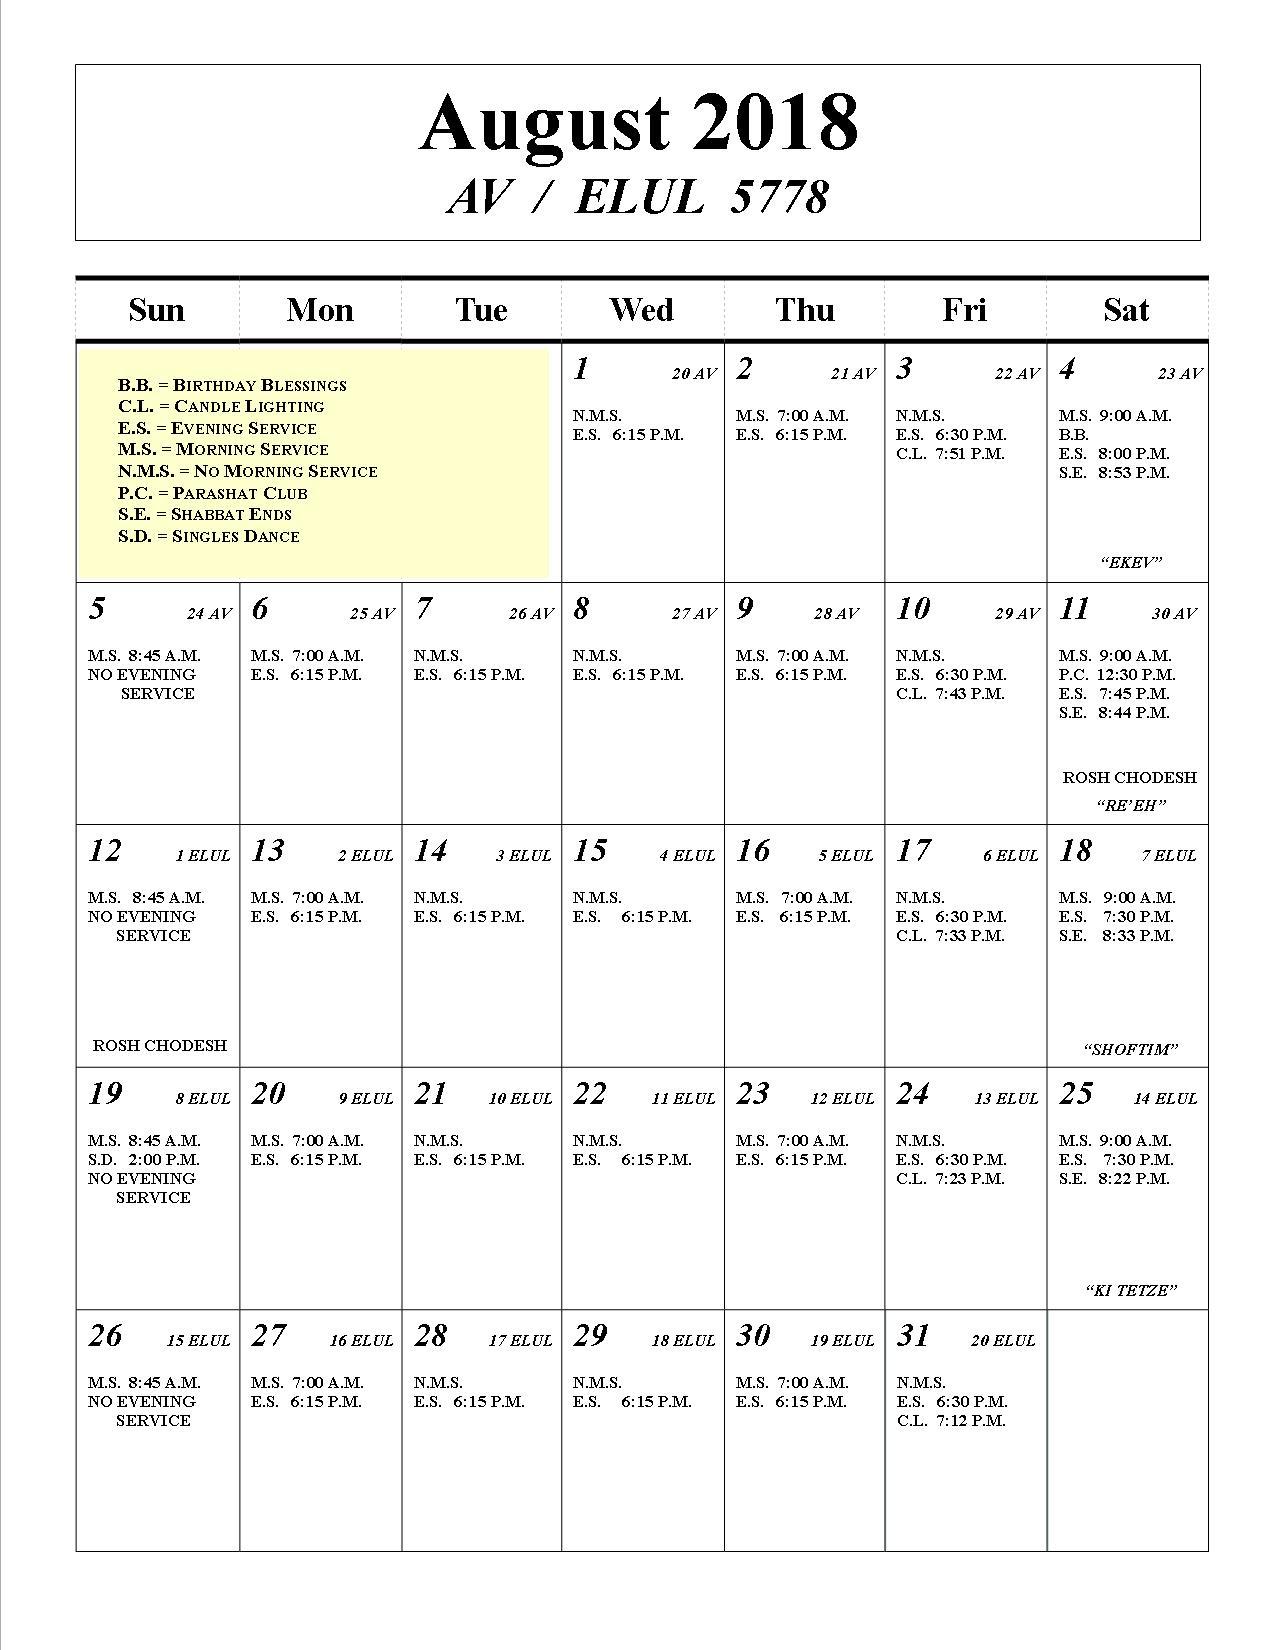 August, 2018 Calendar -